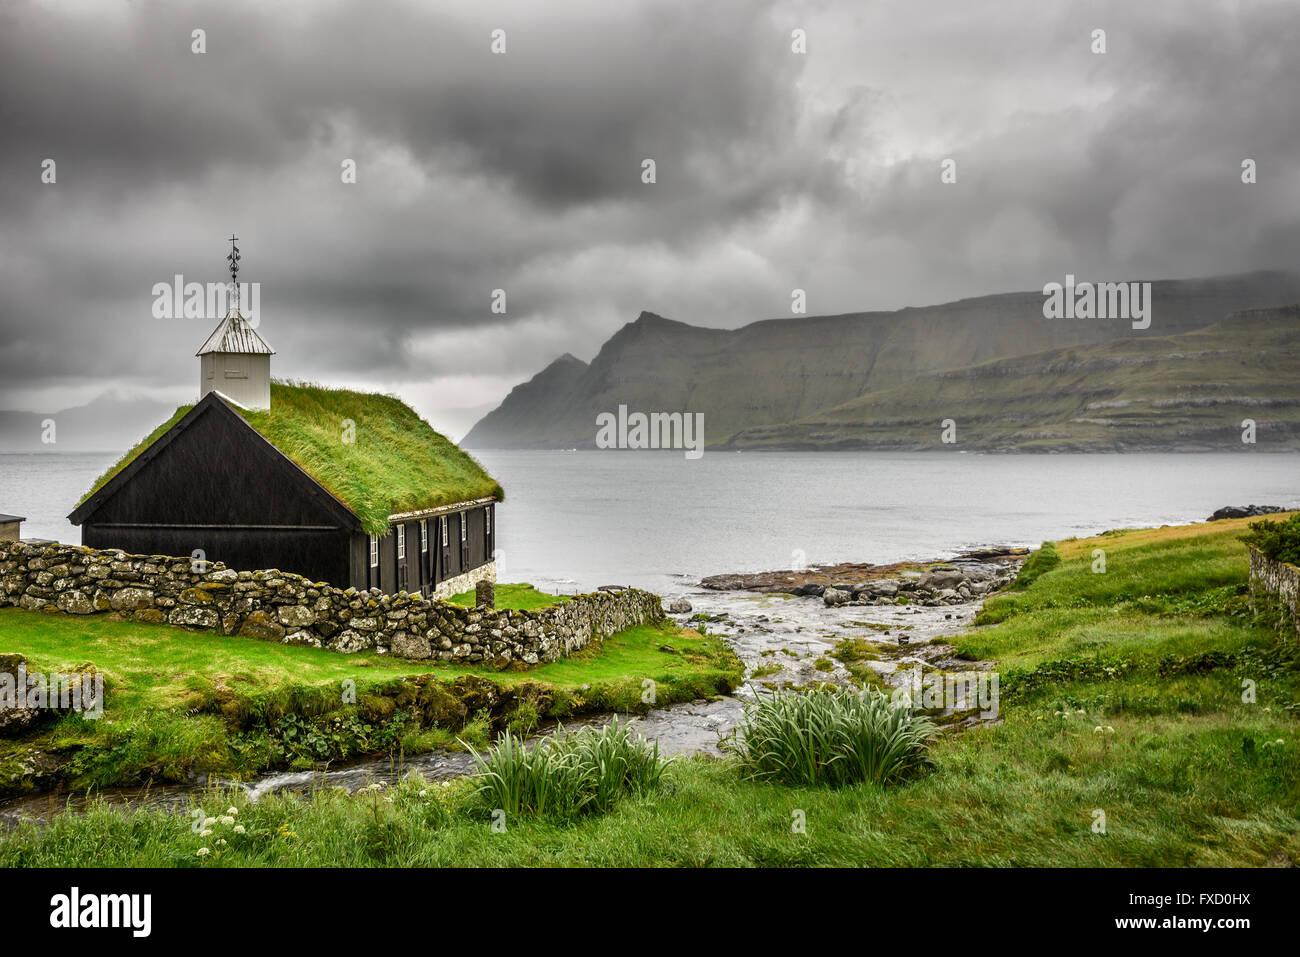 Petit village dans l'église en vertu de Funningur nuages lourds. Funningur est situé sur l'île Photo Stock